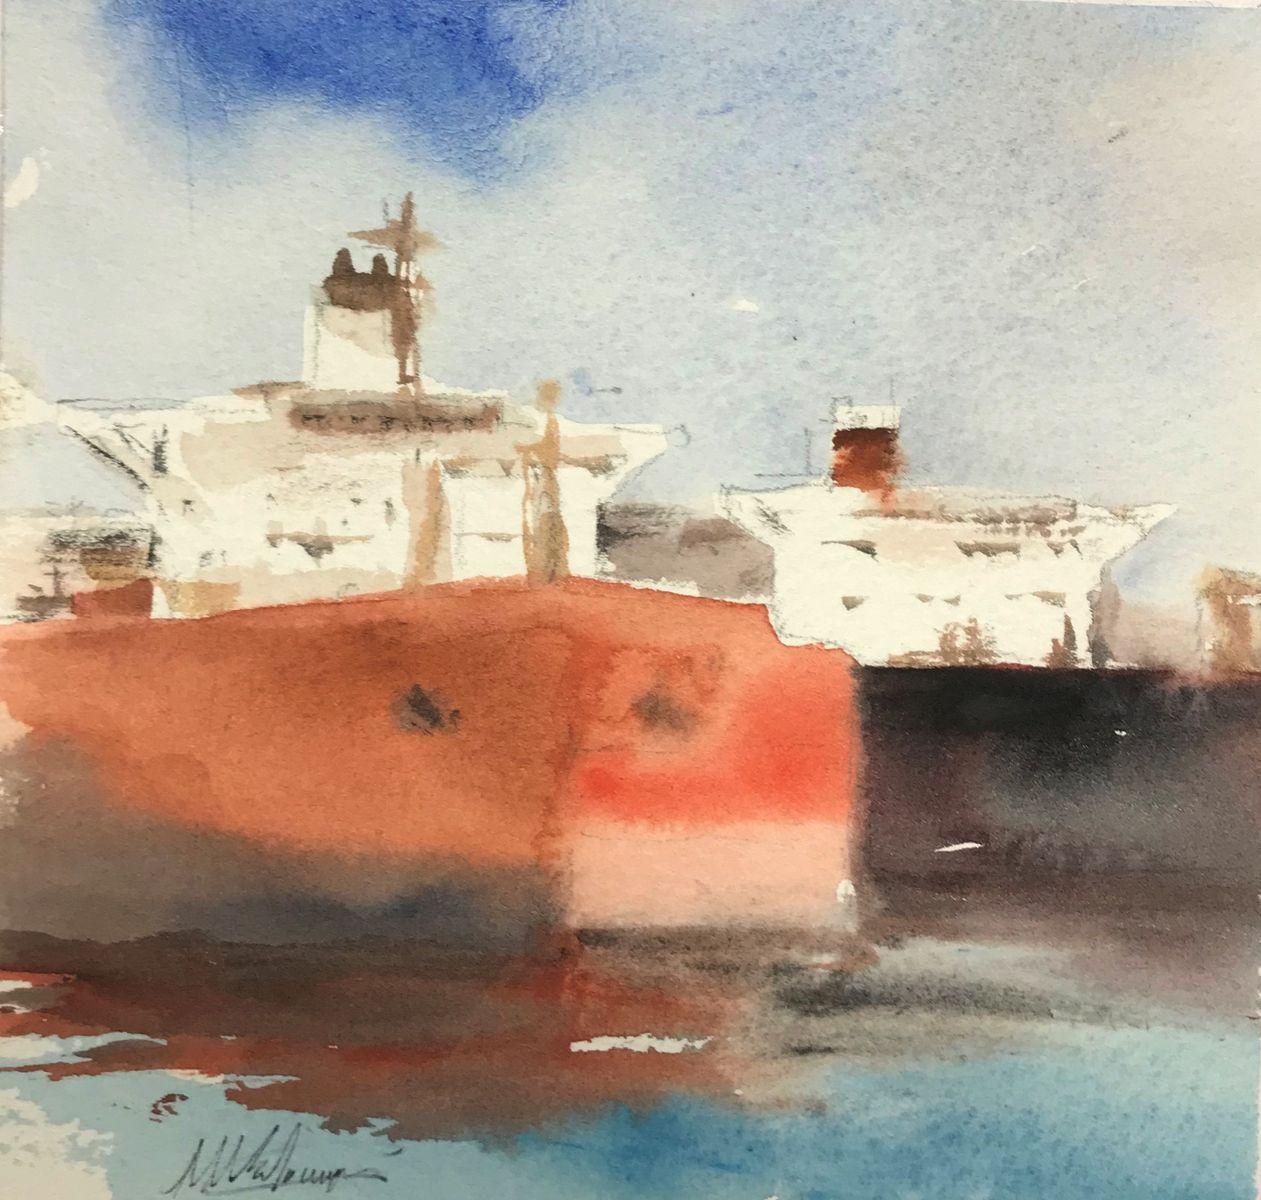 Μιχάλης Καλοκαιρινός 14×15 εκ Ακουαρέλα Michael Kalokairinos 14×15 cm Water colours on paper